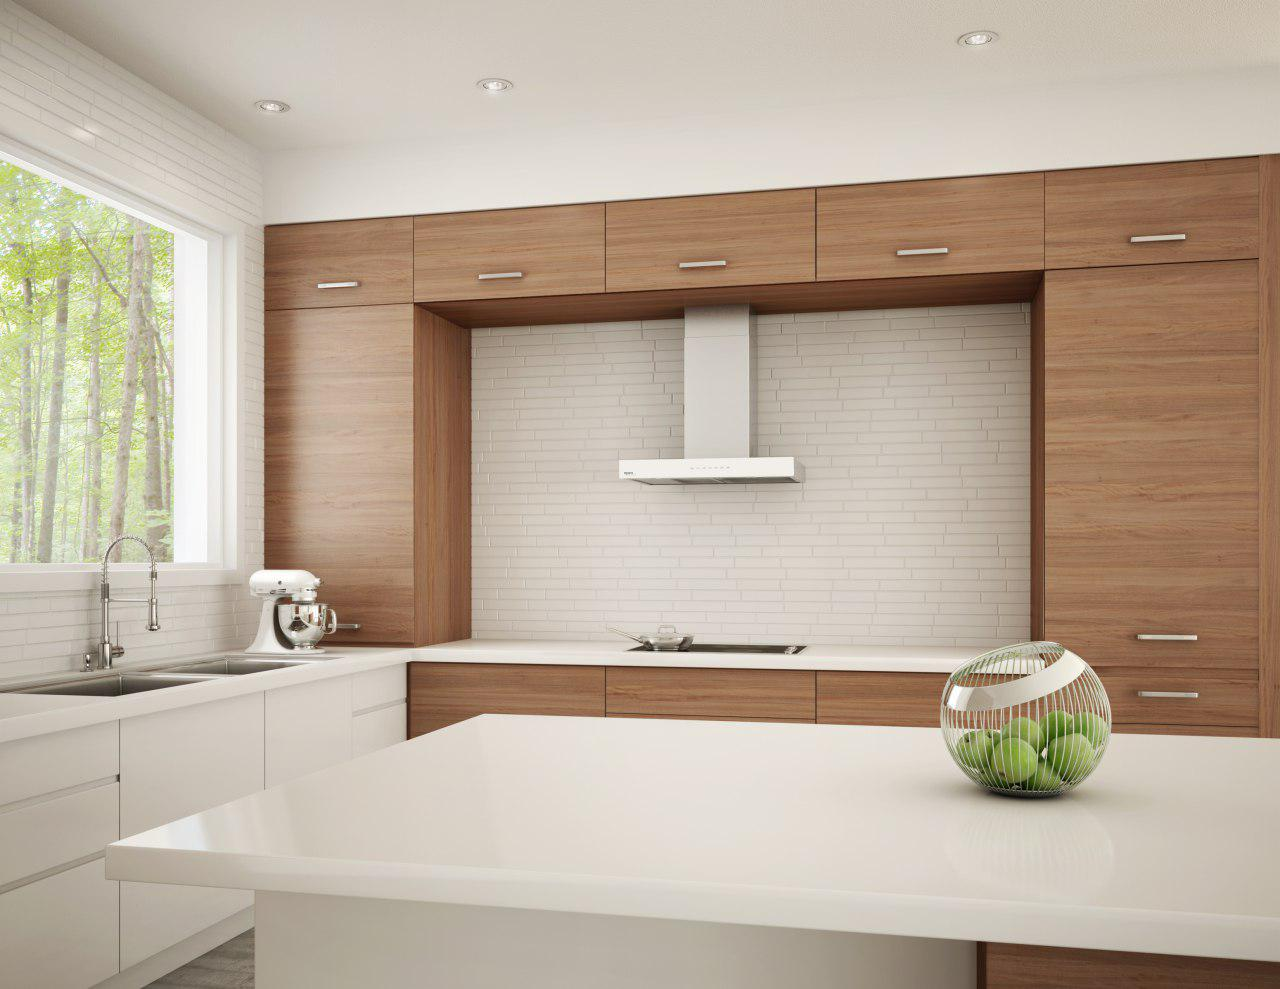 خرید هود آشپزخانه شومینه ای در ساختمان صنعت